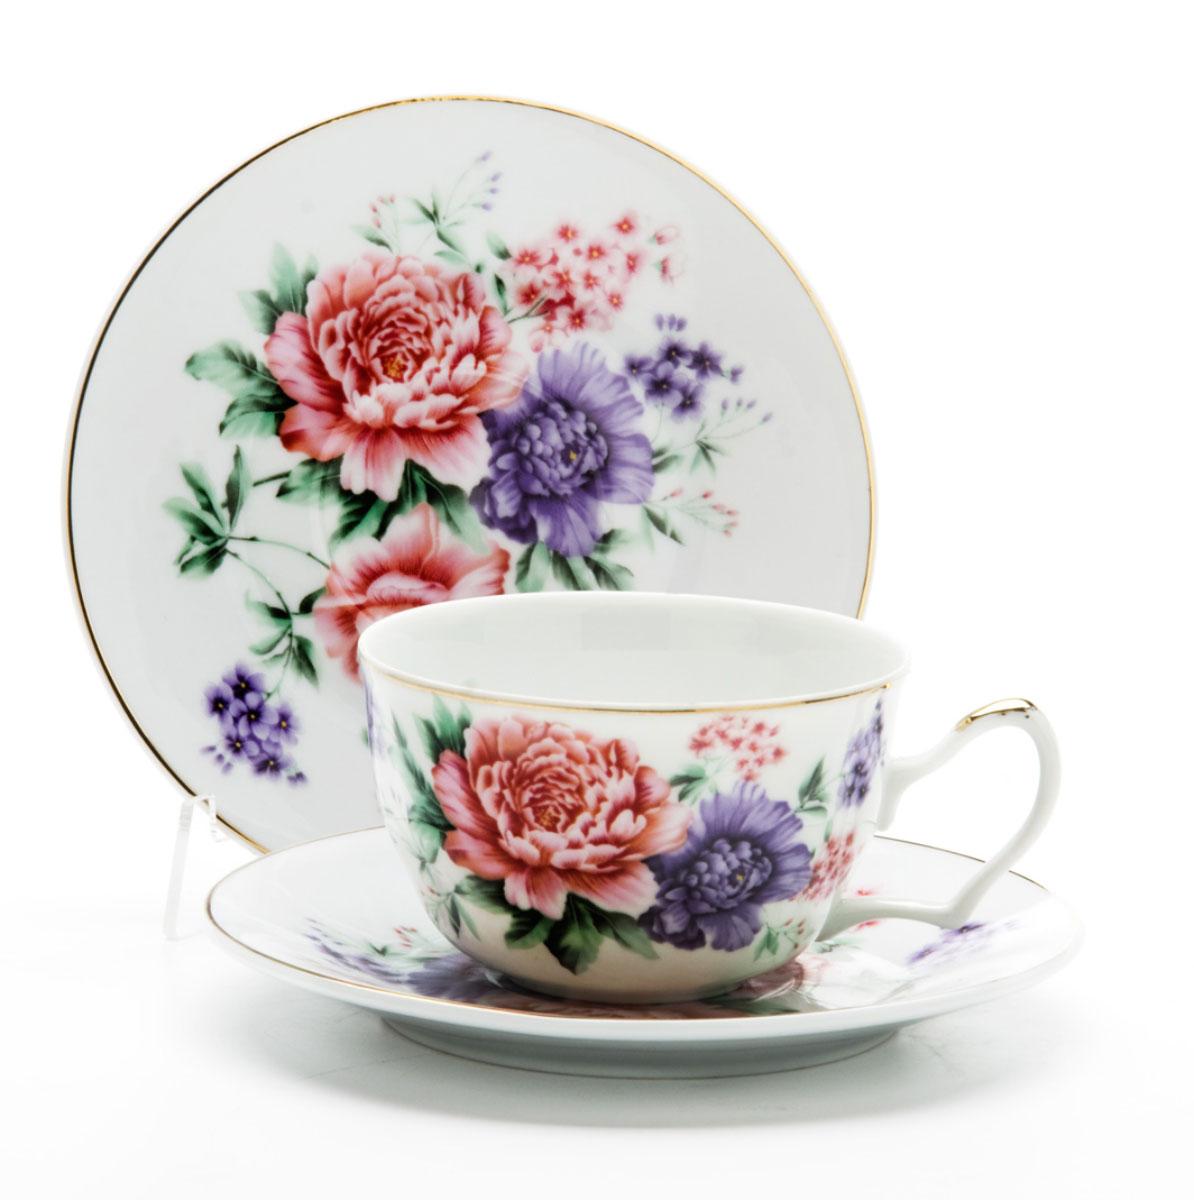 Чайная пара Loraine, 250 мл, 4 предмета. 24596VT-1520(SR)Этот чайный набор, выполненный из керамики, состоит из двух чашек и двух блюдец. Предметы набора оформлены ярким изображением цветов. Изящный дизайн и красочность оформления придутся по вкусу и ценителям классики, и тем, кто предпочитает утонченность и изысканность. Чайный набор - идеальный и необходимый подарок для вашего дома и для ваших друзей в праздники, юбилеи и торжества! Он также станет отличным корпоративным подарком и украшением любой кухни. Чайный набор упакован в подарочную коробку из плотного цветного картона. Внутренняя часть коробки задрапирована белым атласом.